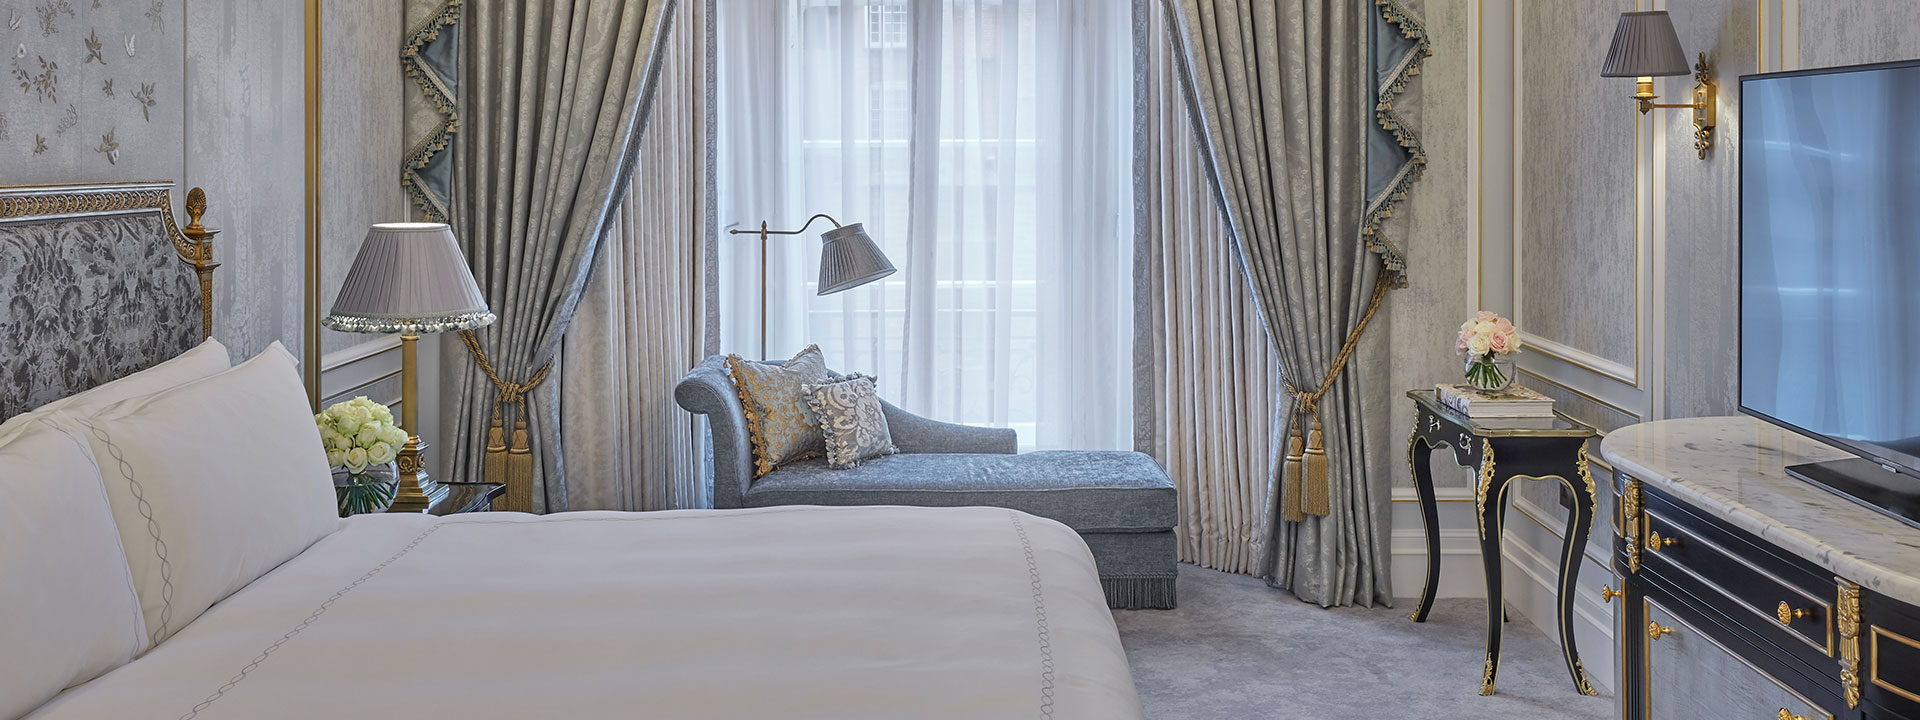 Mayfair suite 5